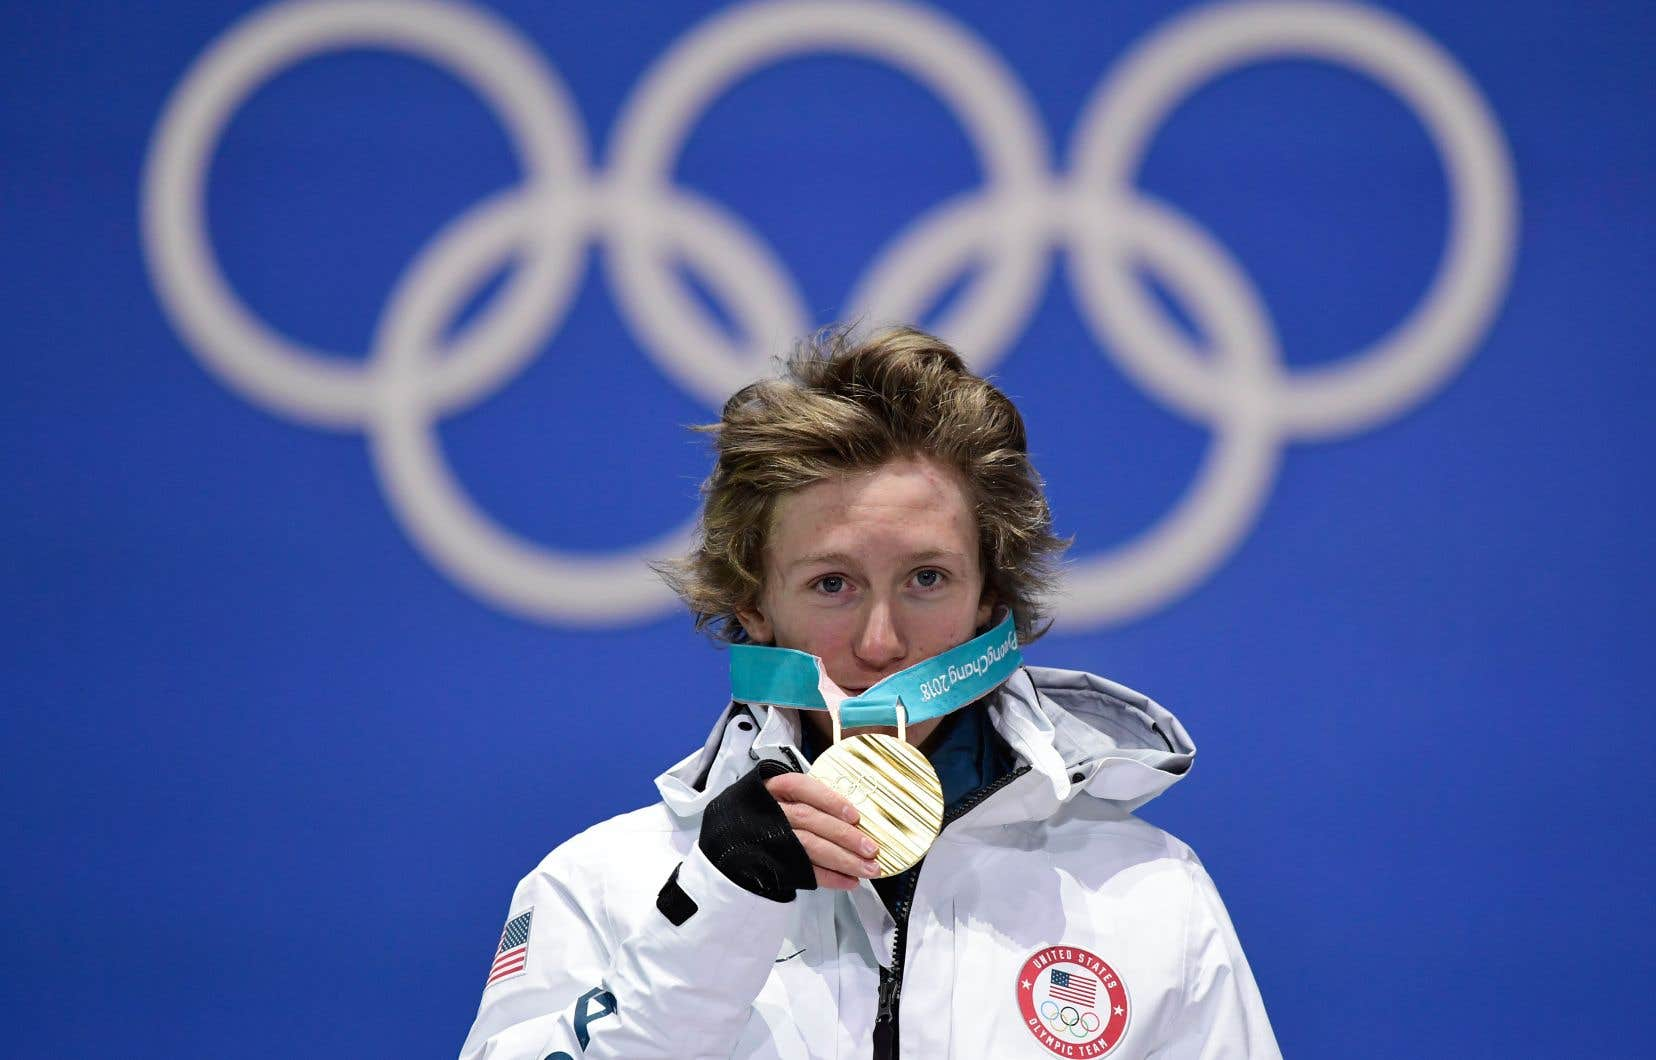 Chloé Dufour-Lapointe se qualifie pour la finale des bosses — Olympiques